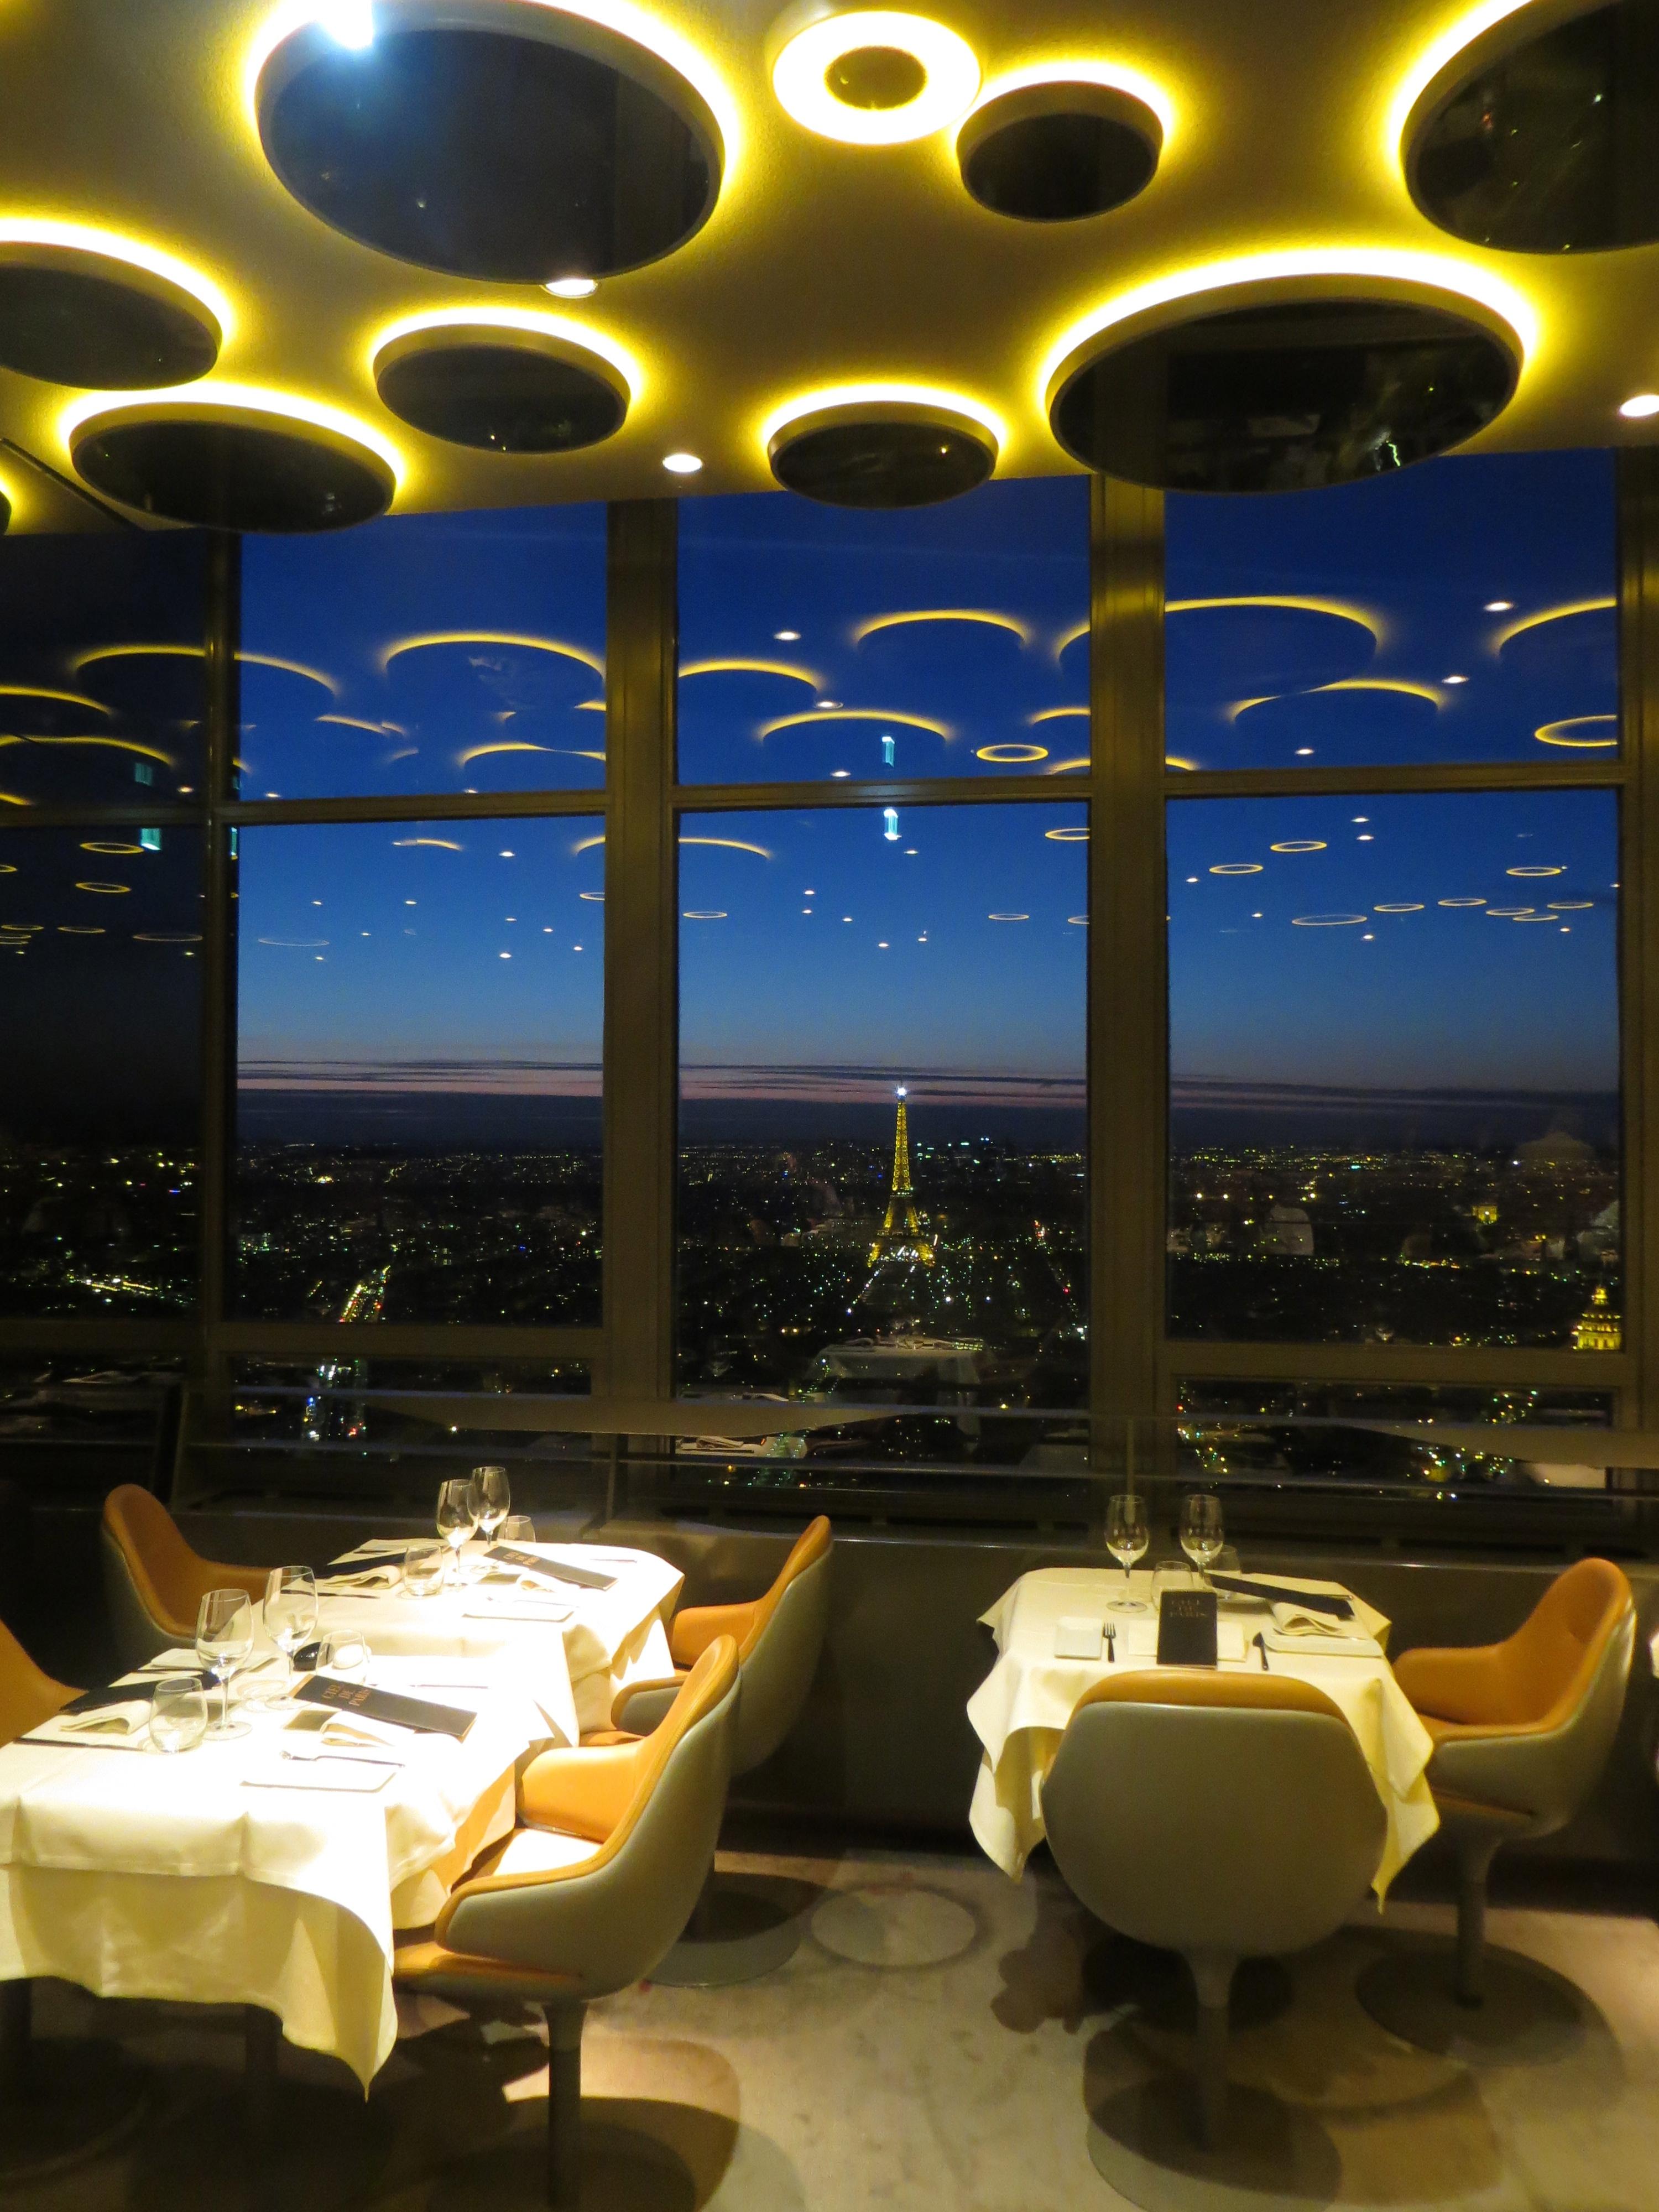 Food Bar Le Ciel - food box pour le ciel de paris prendre l ...